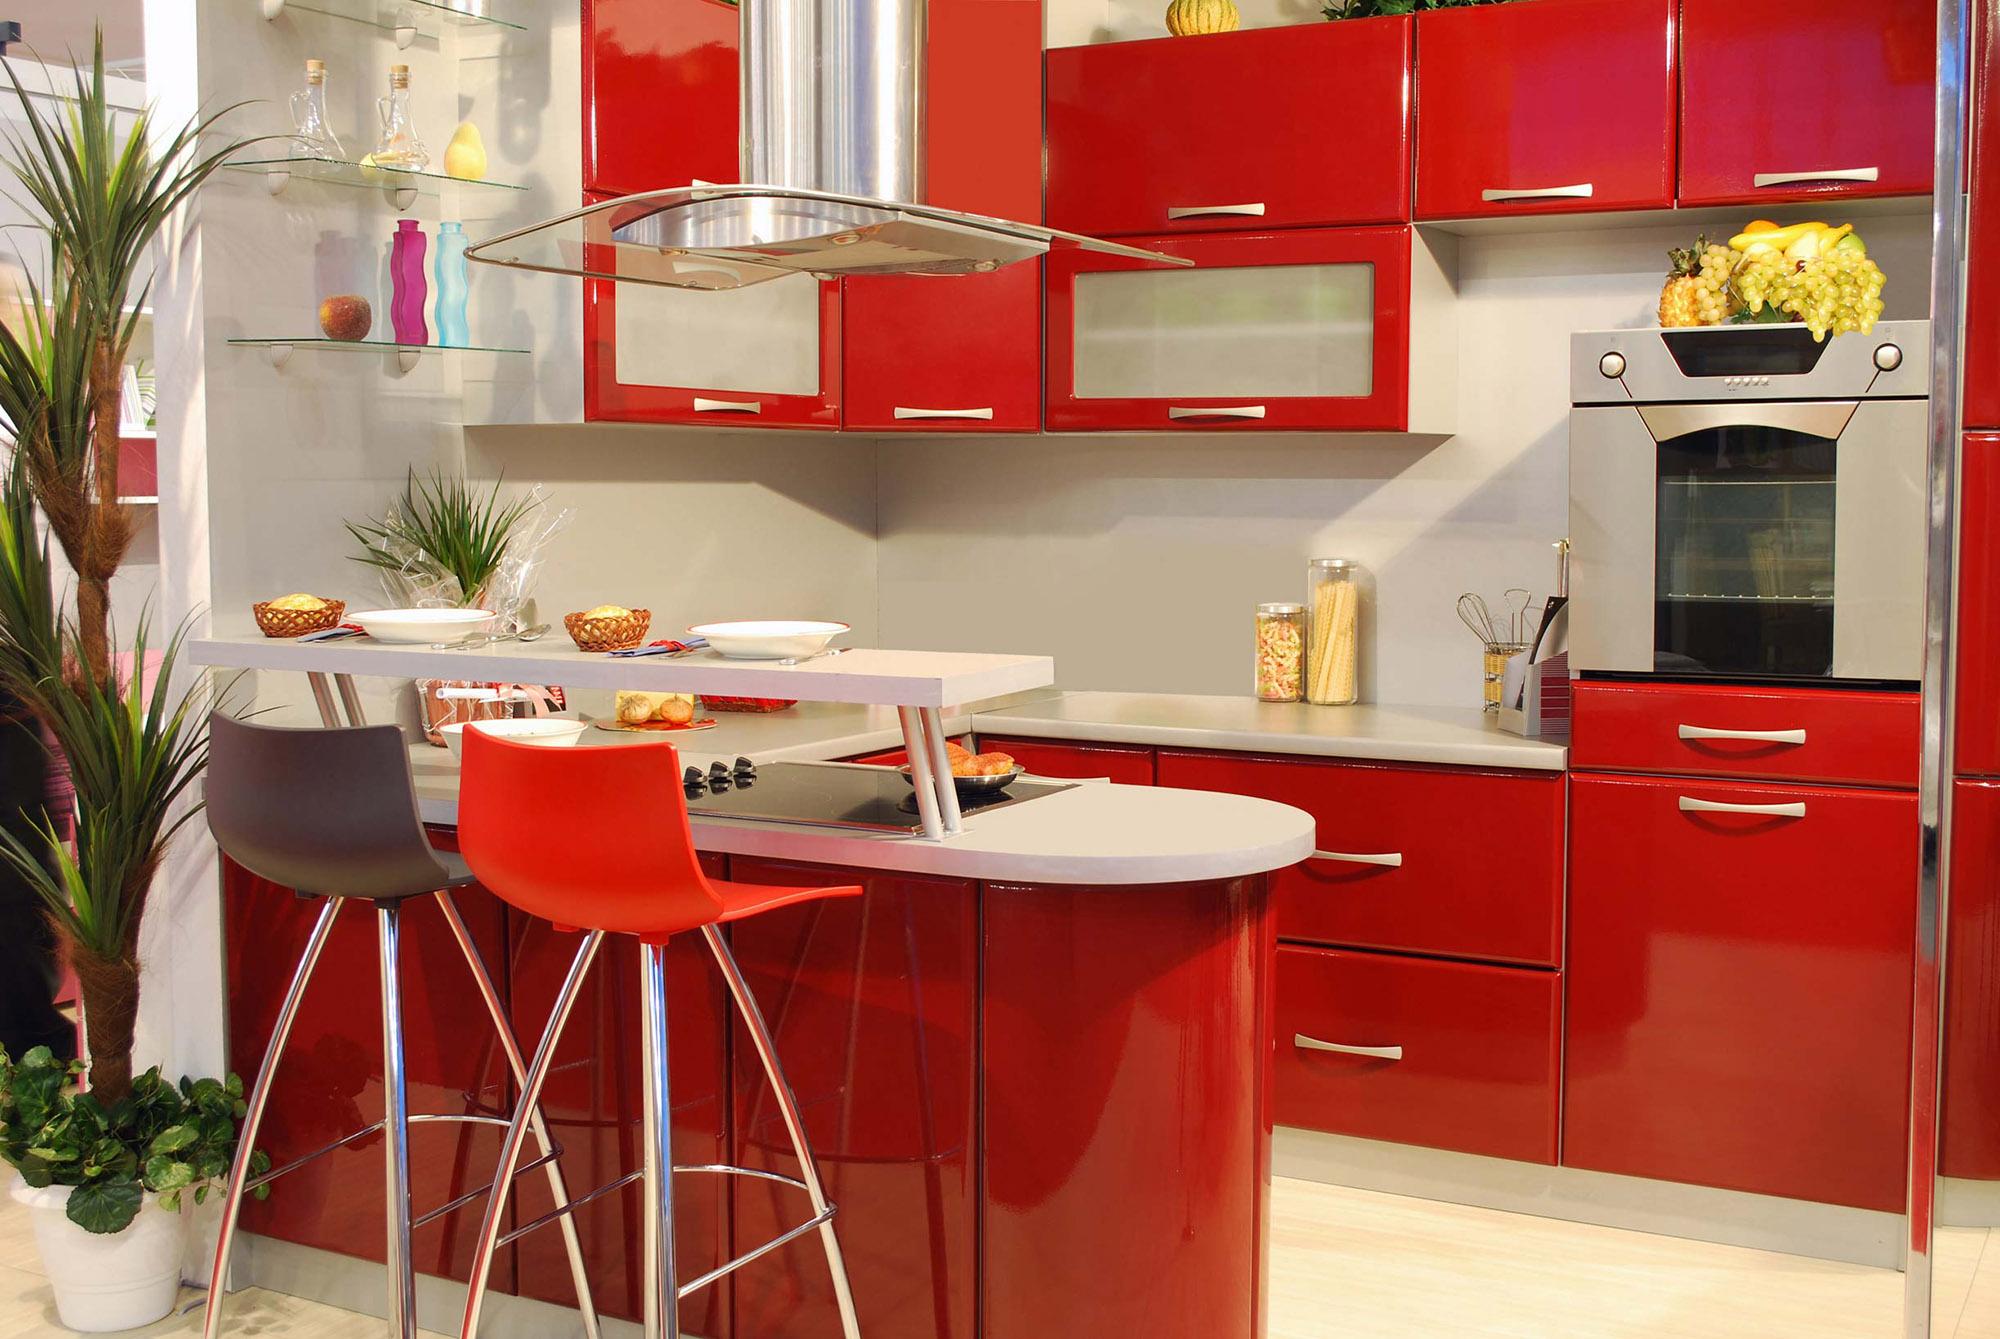 Красно-белая кухня с барной стойкой